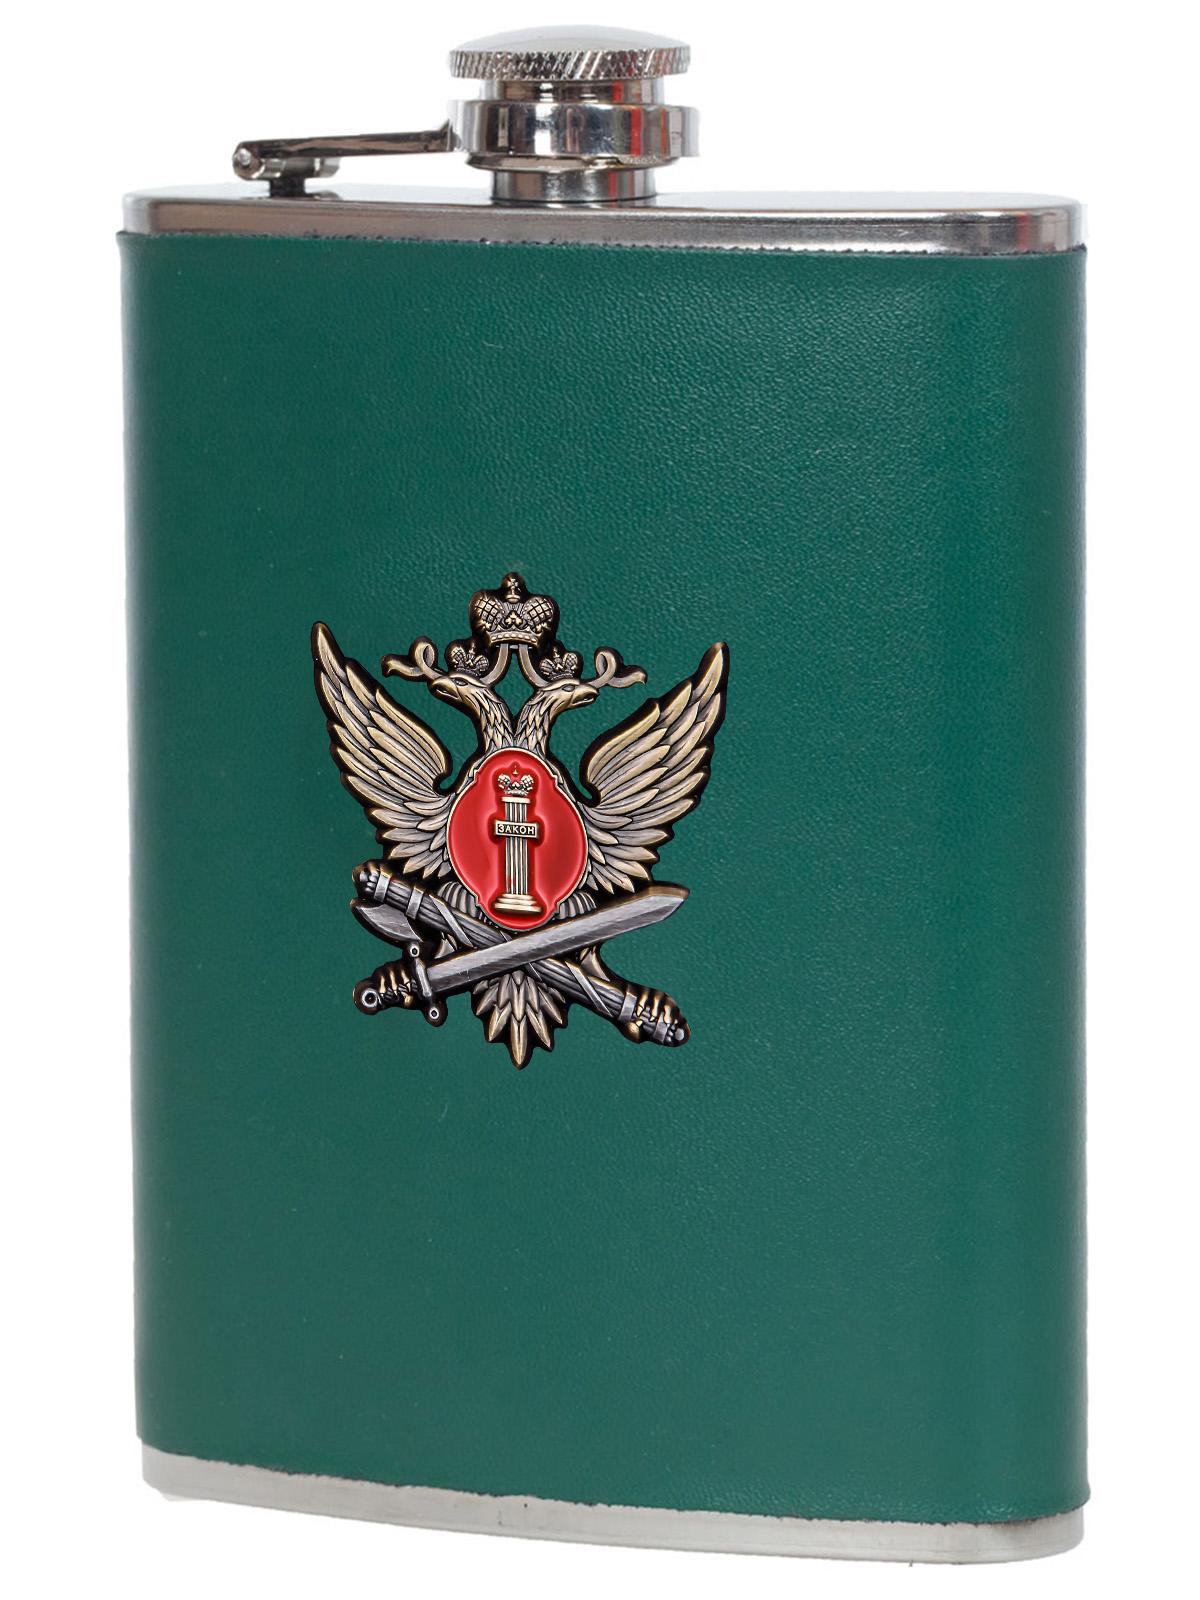 Плоская фляжка в чехле с жетоном ФСИН - высокое качество